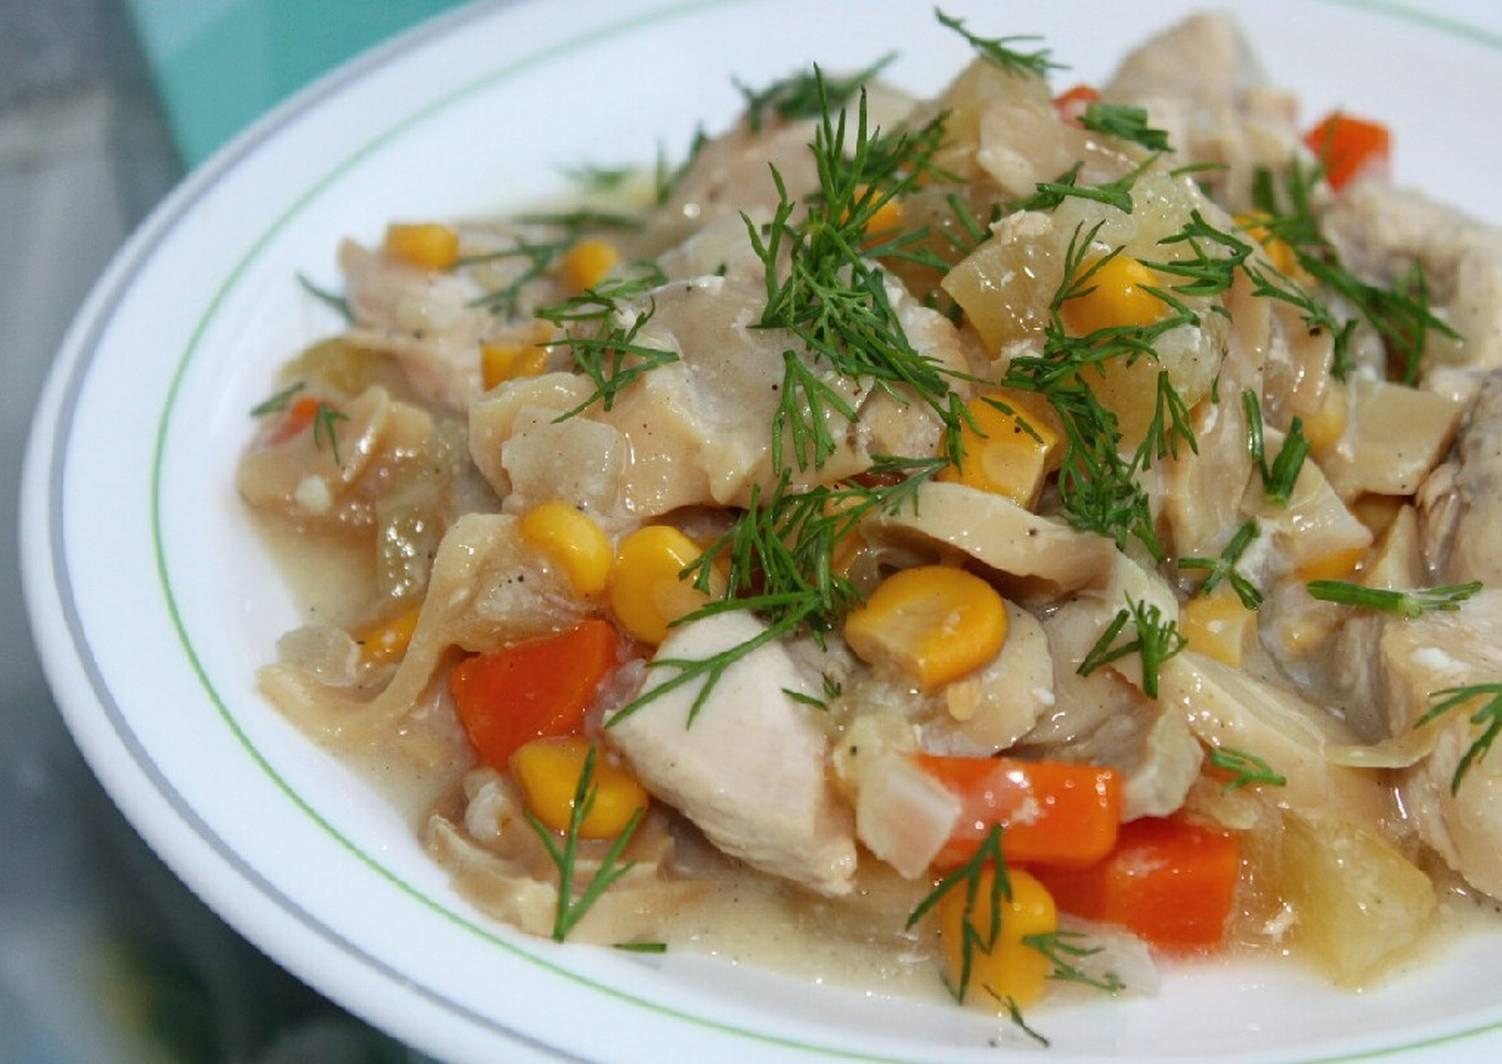 жаркое из курицы рецепт с фото пошагово первых шагов